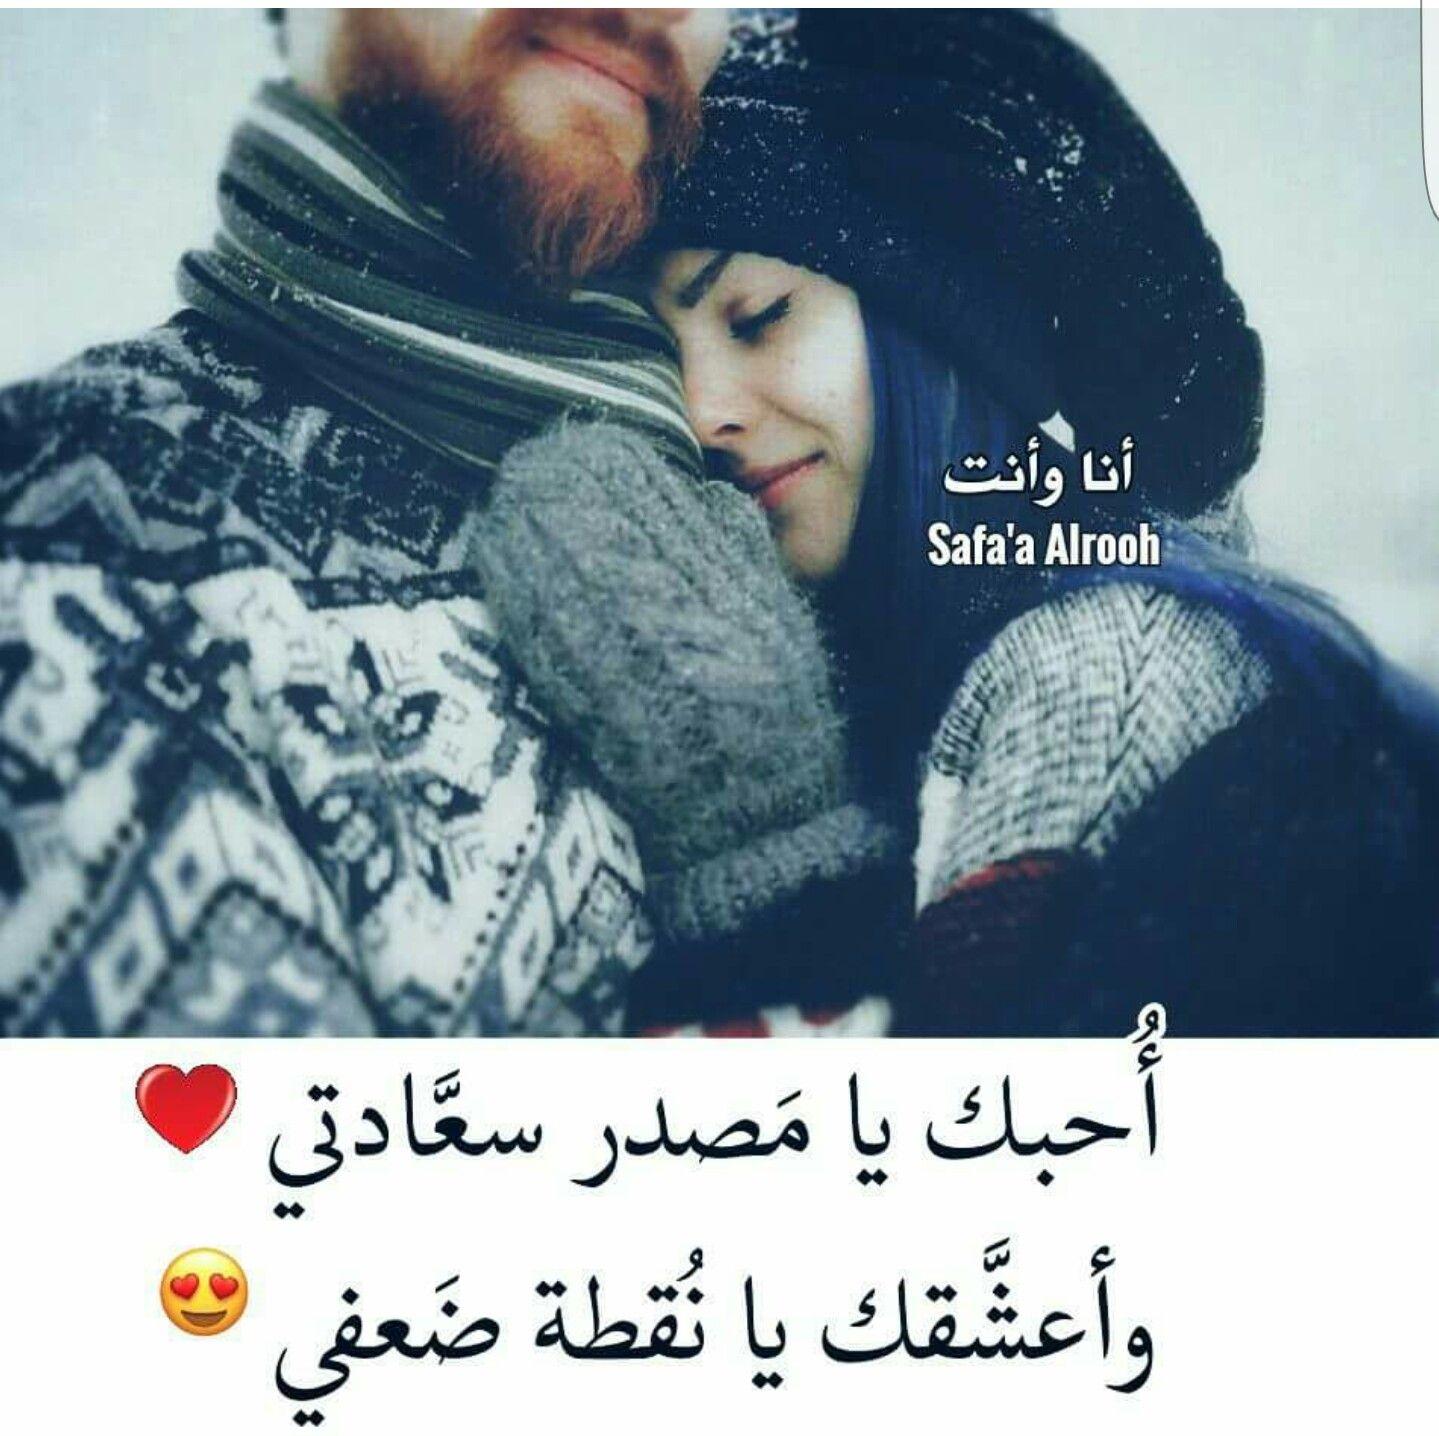 مصدر سعادتي Unique Love Quotes Love Words Love You Husband